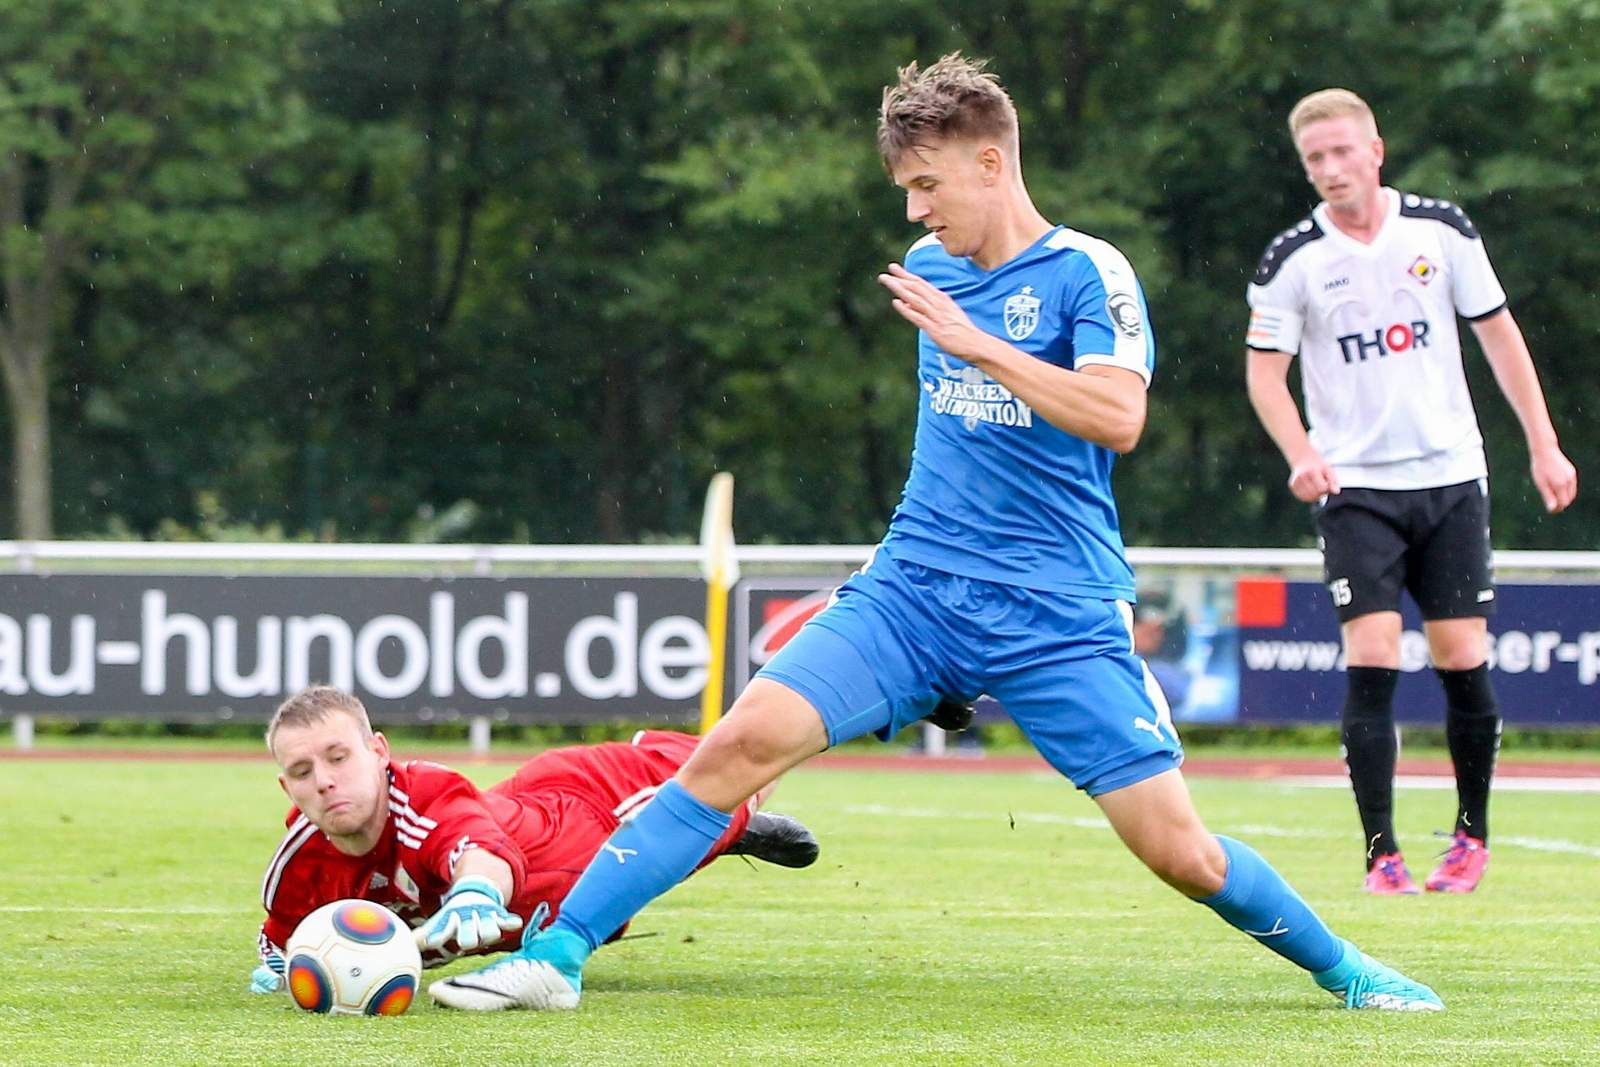 Schiebt Florian Dietz auch am Sonntag gegen Lotte ein? Jetzt wetten!